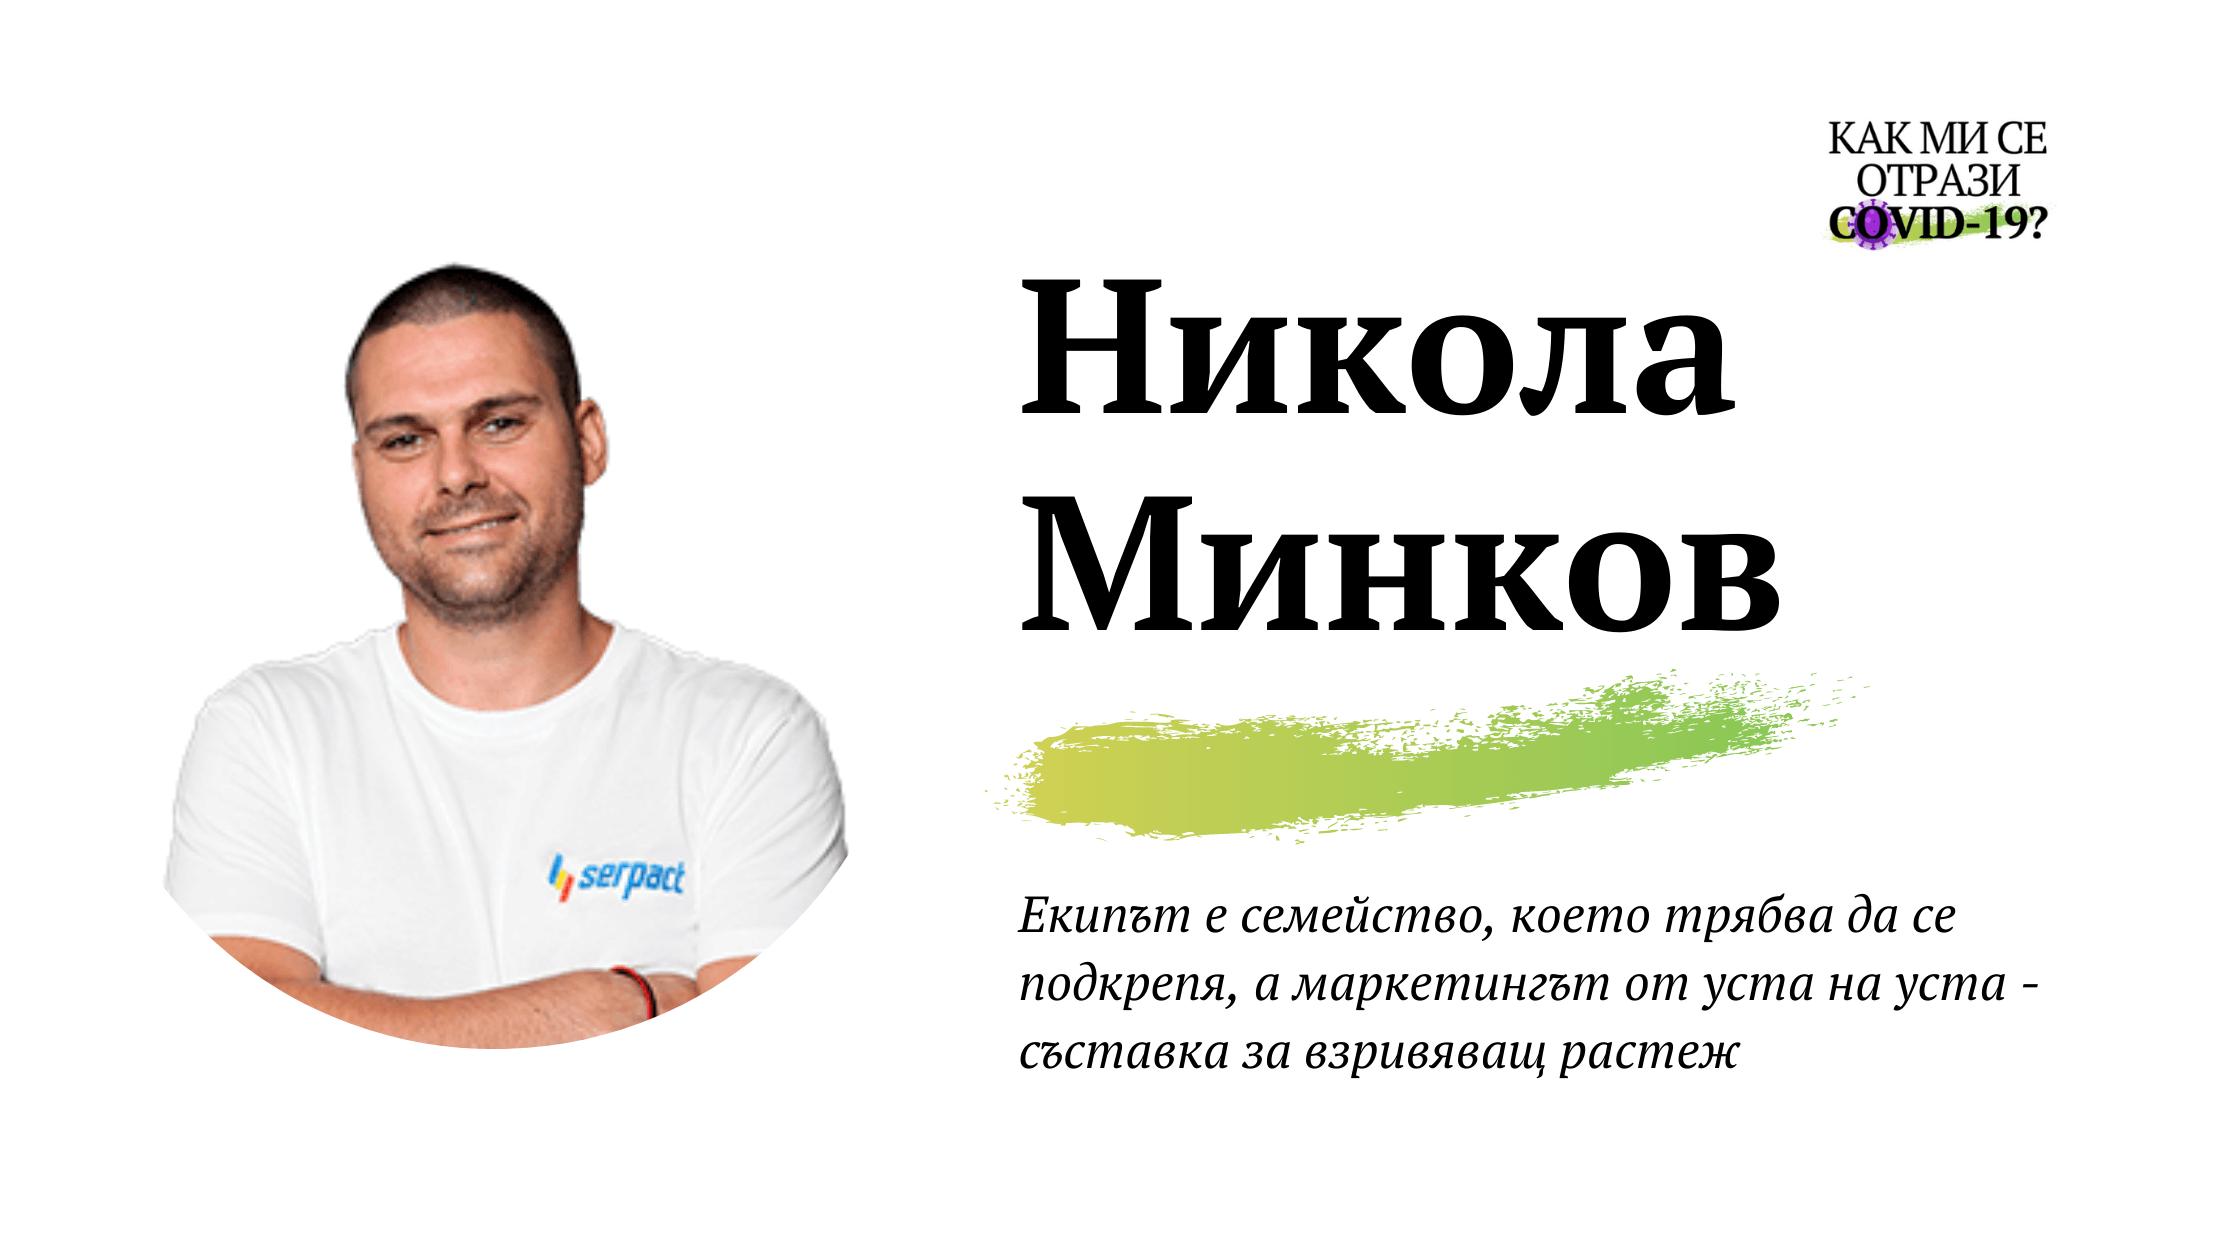 Как ми се отрази COVID-19 с Никола Минков oт Serpact